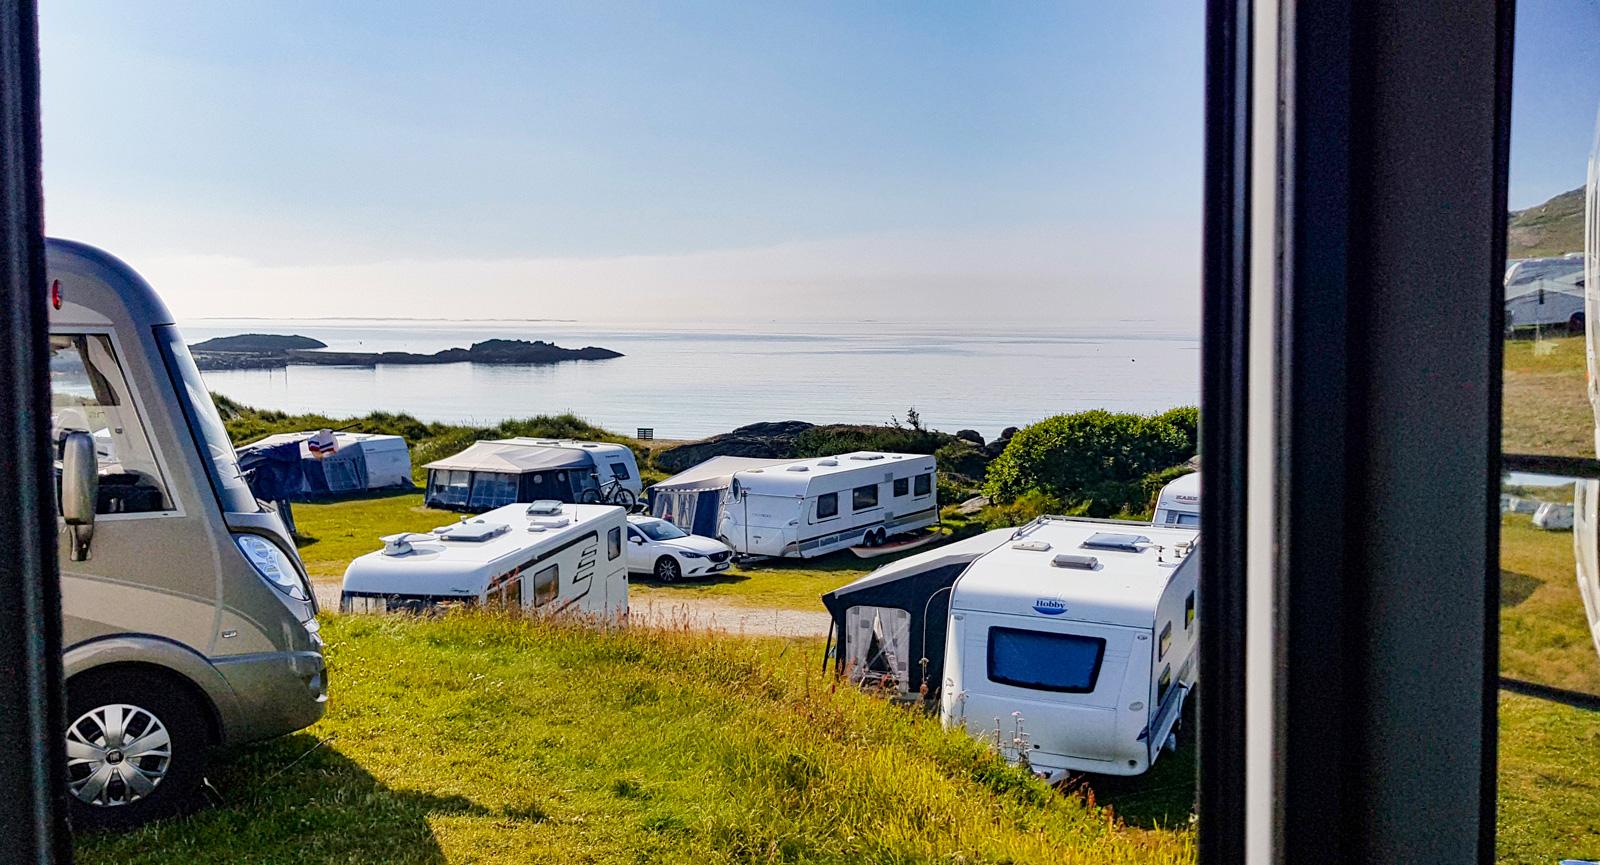 Trots att vi anländer sent på eftermiddagen till Ølberg Camping fick vi en plats med härlig havsutsikt.